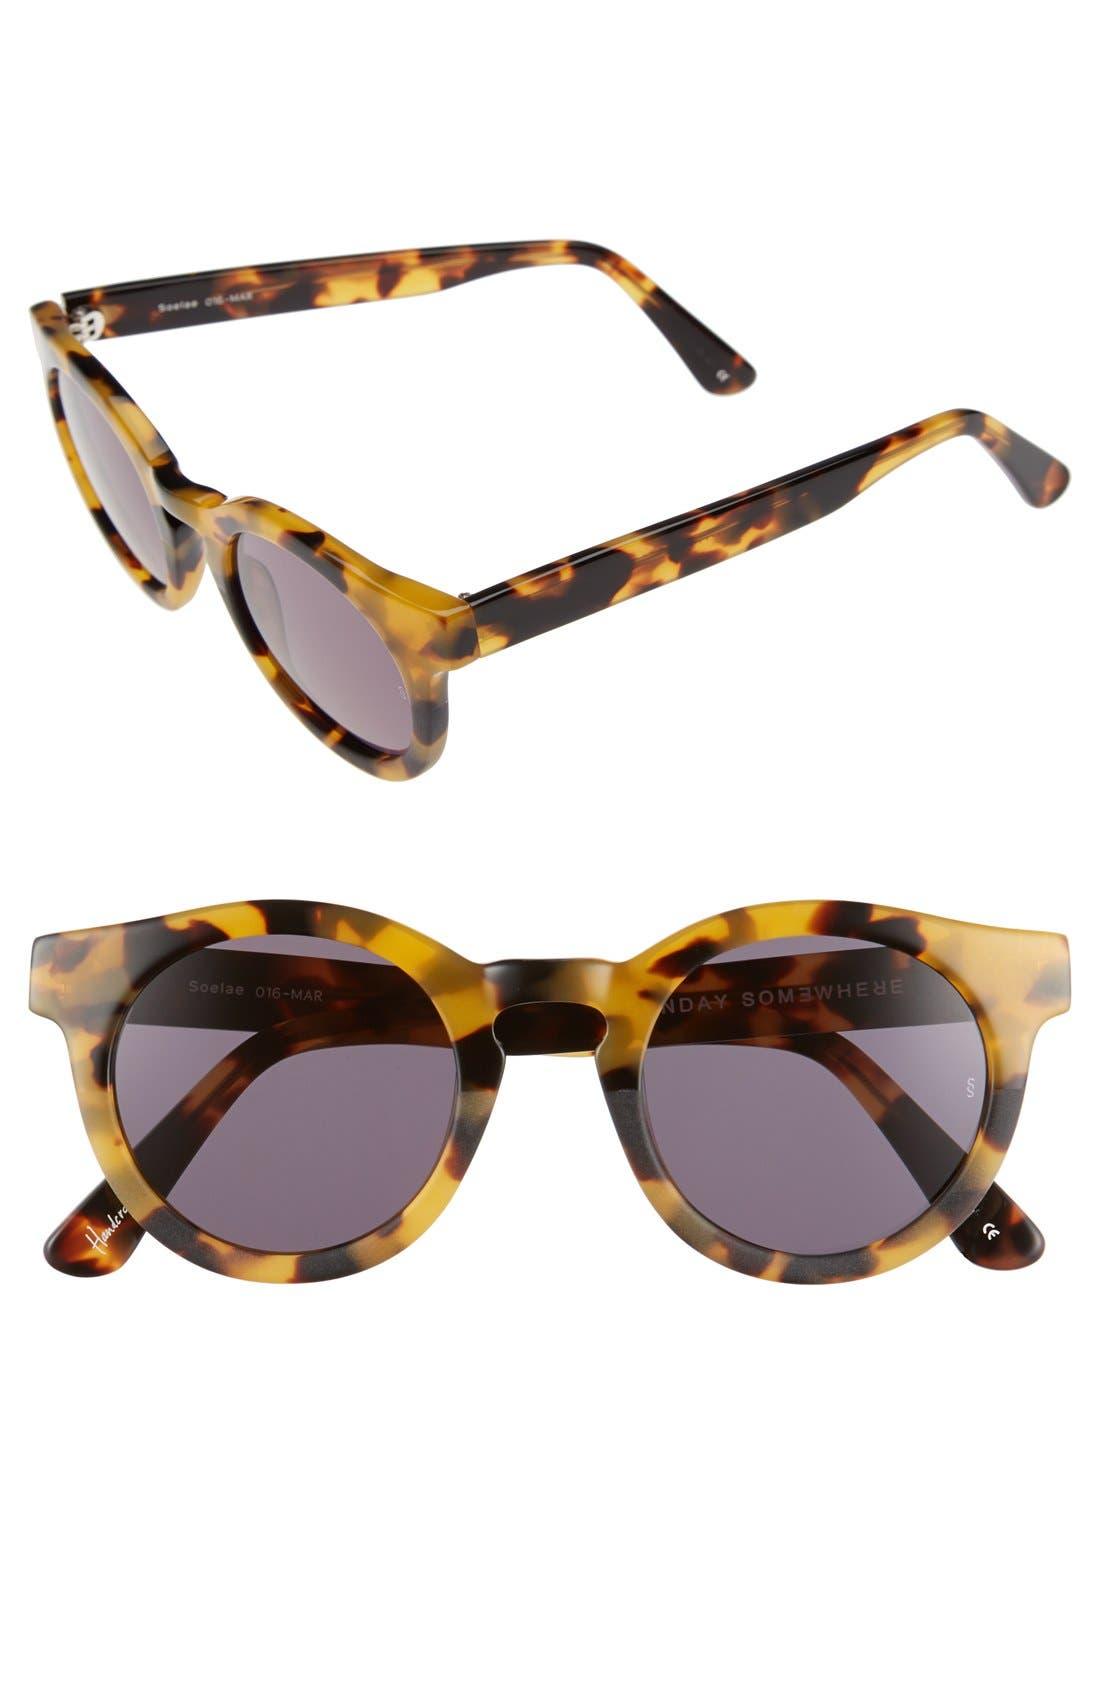 Main Image - SUNDAY SOMEWHERE 'Soelae' 46mm Round Sunglasses